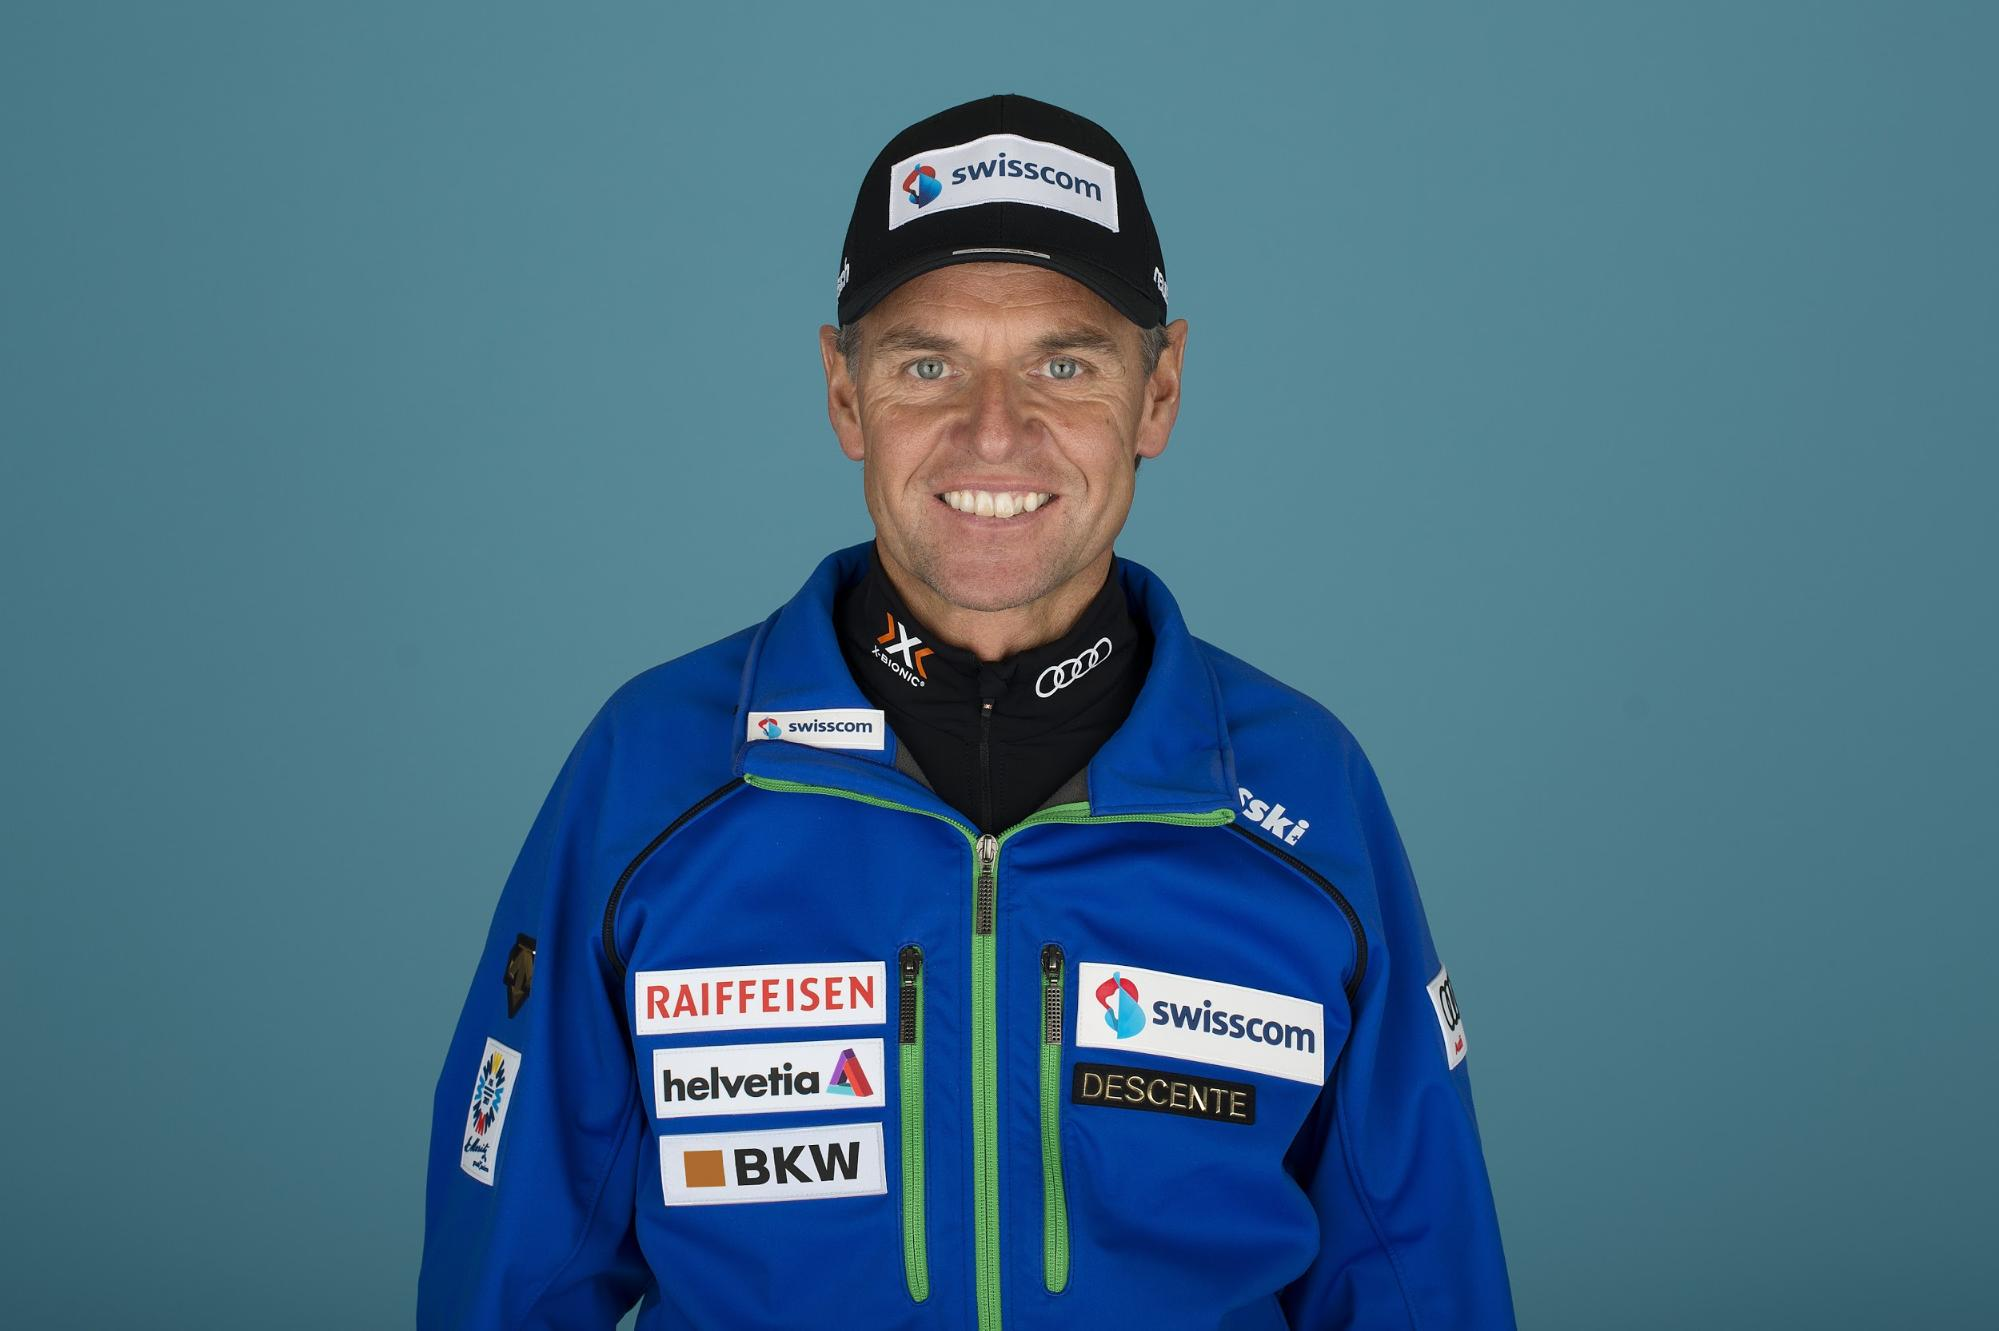 Franz Heinzer, allenatore di sci di velocità per il campionato europeo Swiss-Ski.